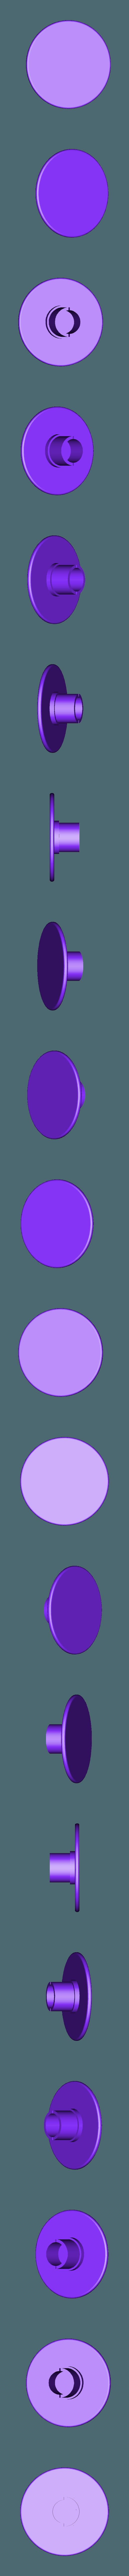 Spinners-El-1-CEN-1.stl Télécharger fichier STL gratuit Tournevis à coussinets • Modèle imprimable en 3D, crzldesign